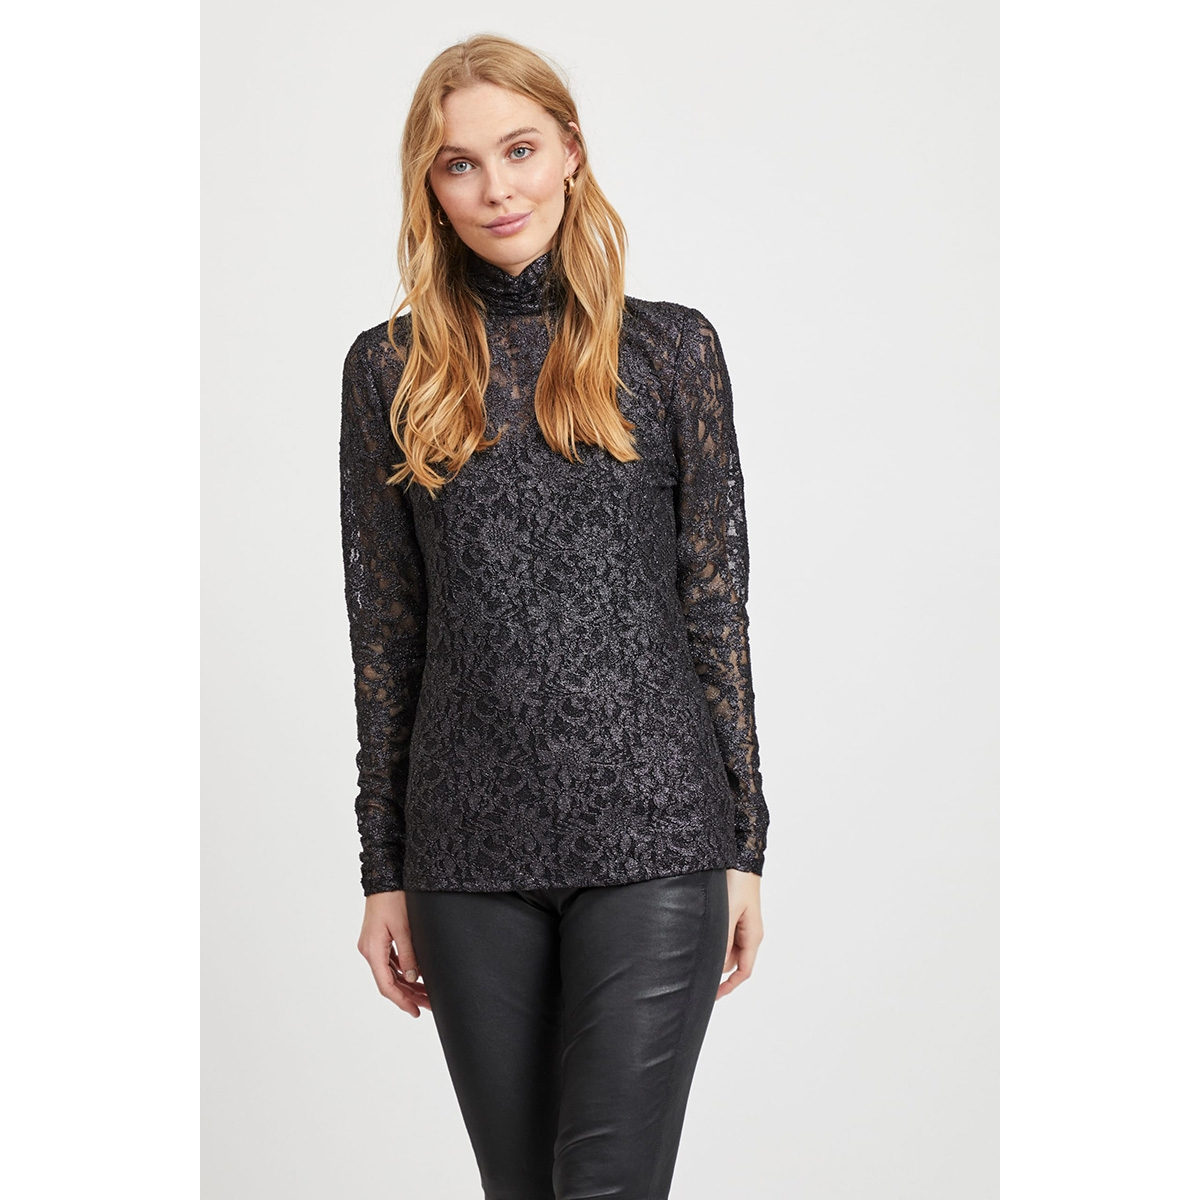 vivistin l/s top/ki 14054547 vila blouse black/w. silver